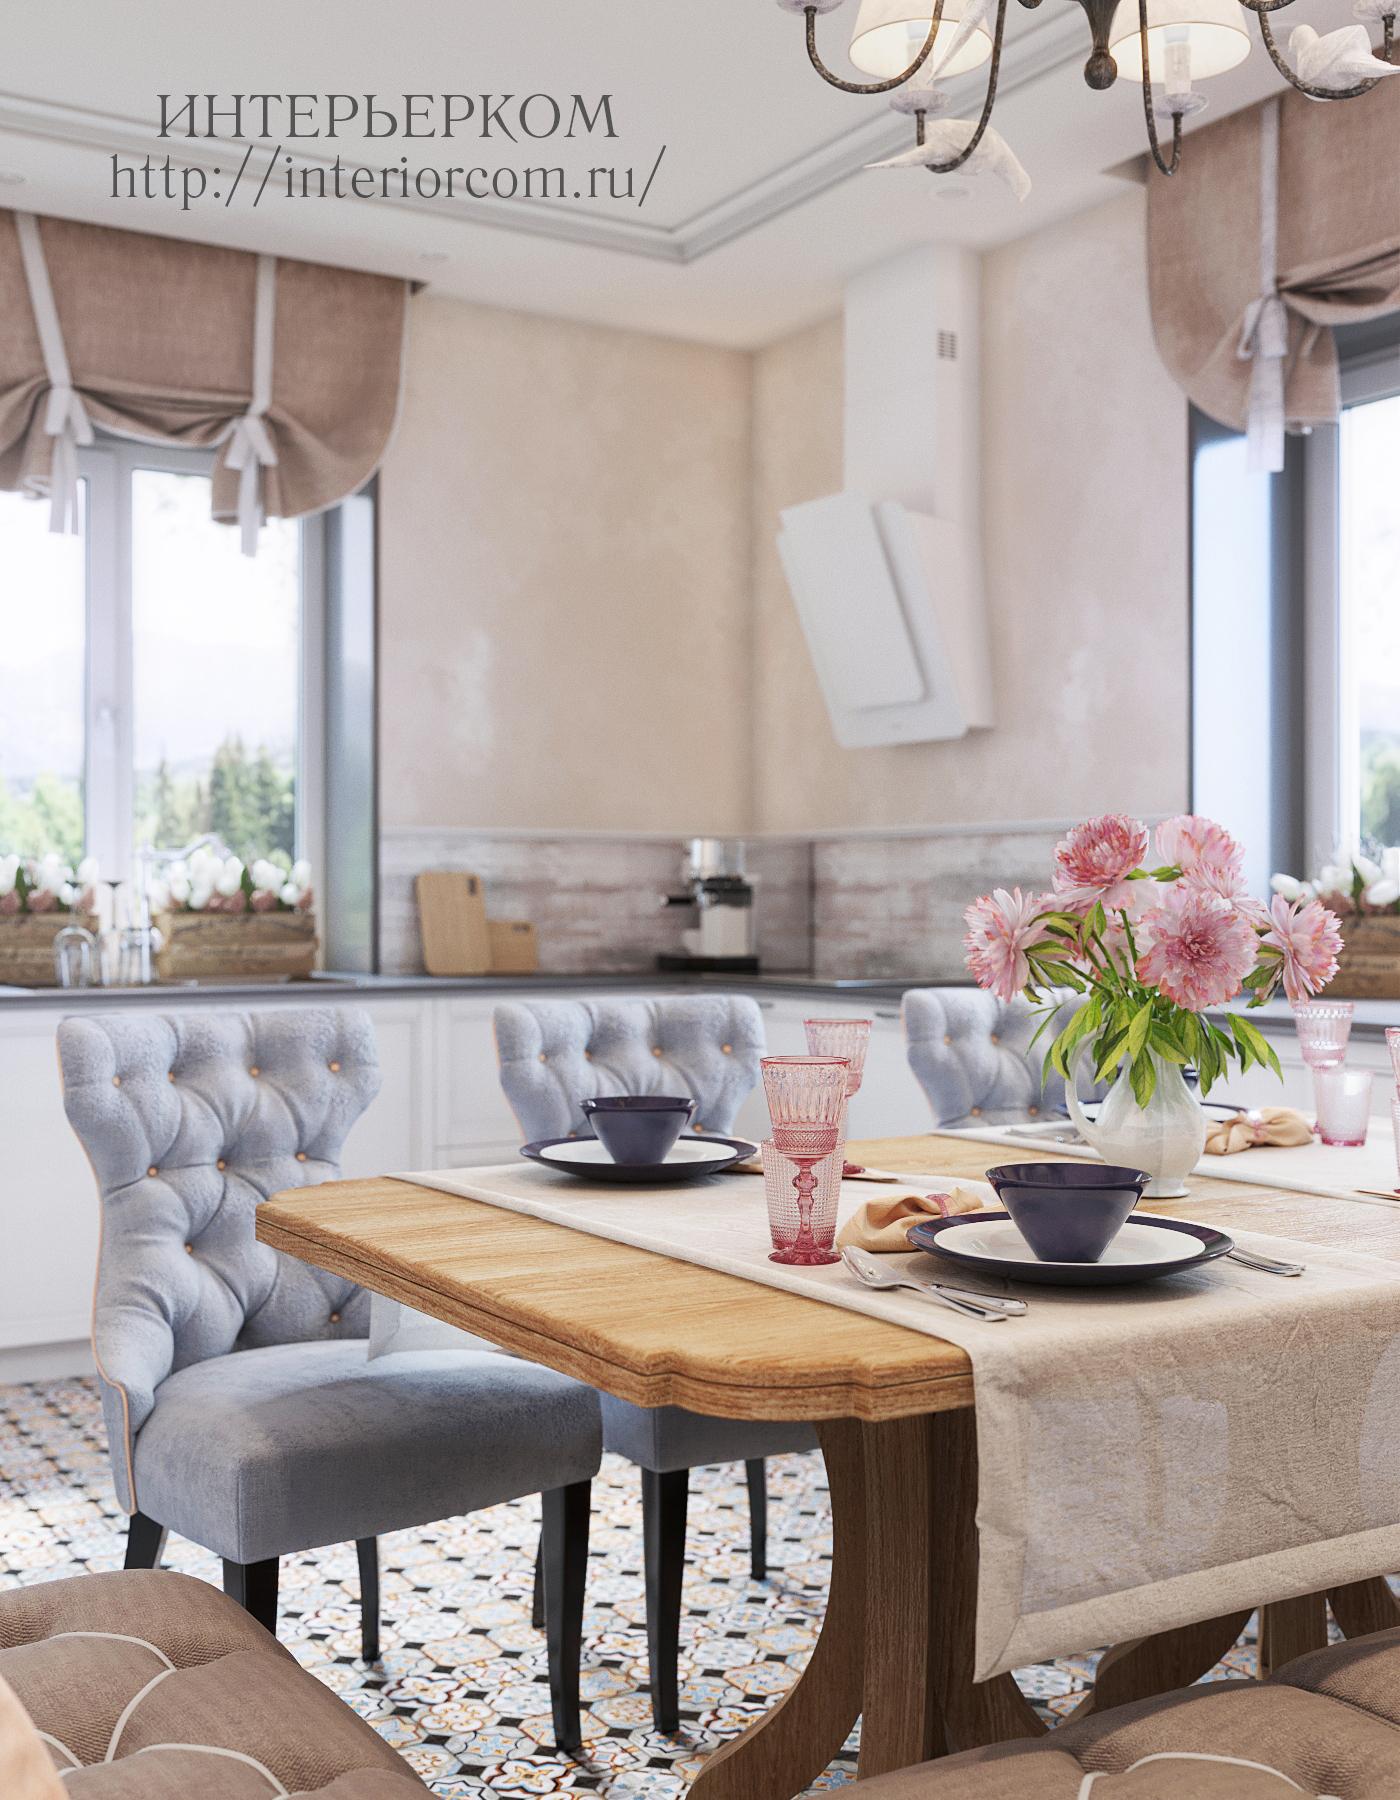 кухня в женском интерьере